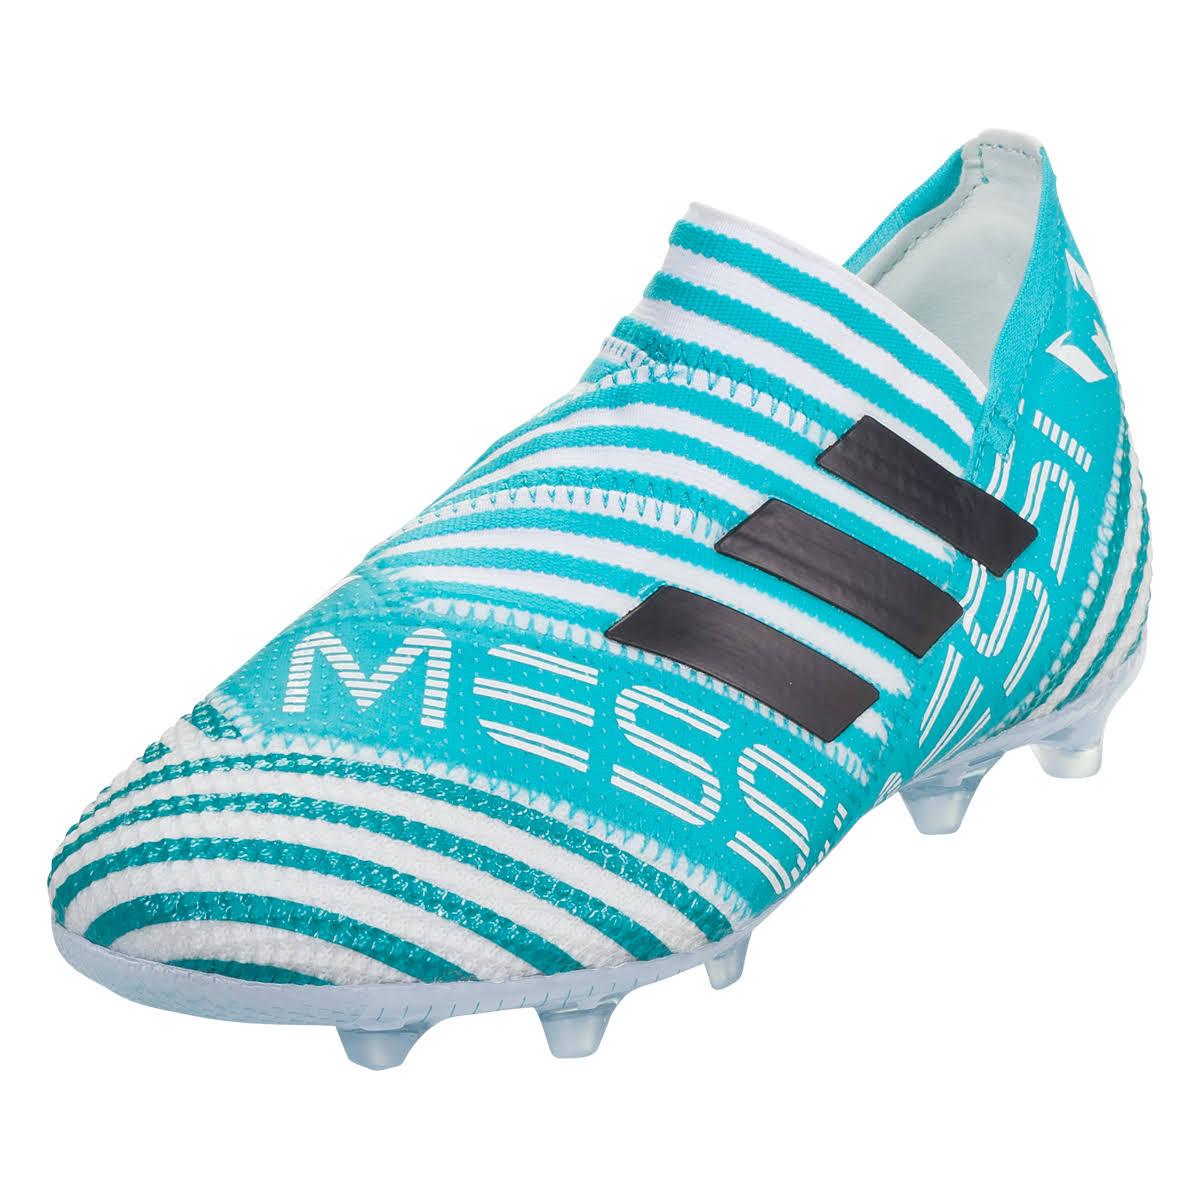 5 Usa Agility Fg 4 Adidas Jr By2404 17 Messi Nemeziz 6xCqanzqw